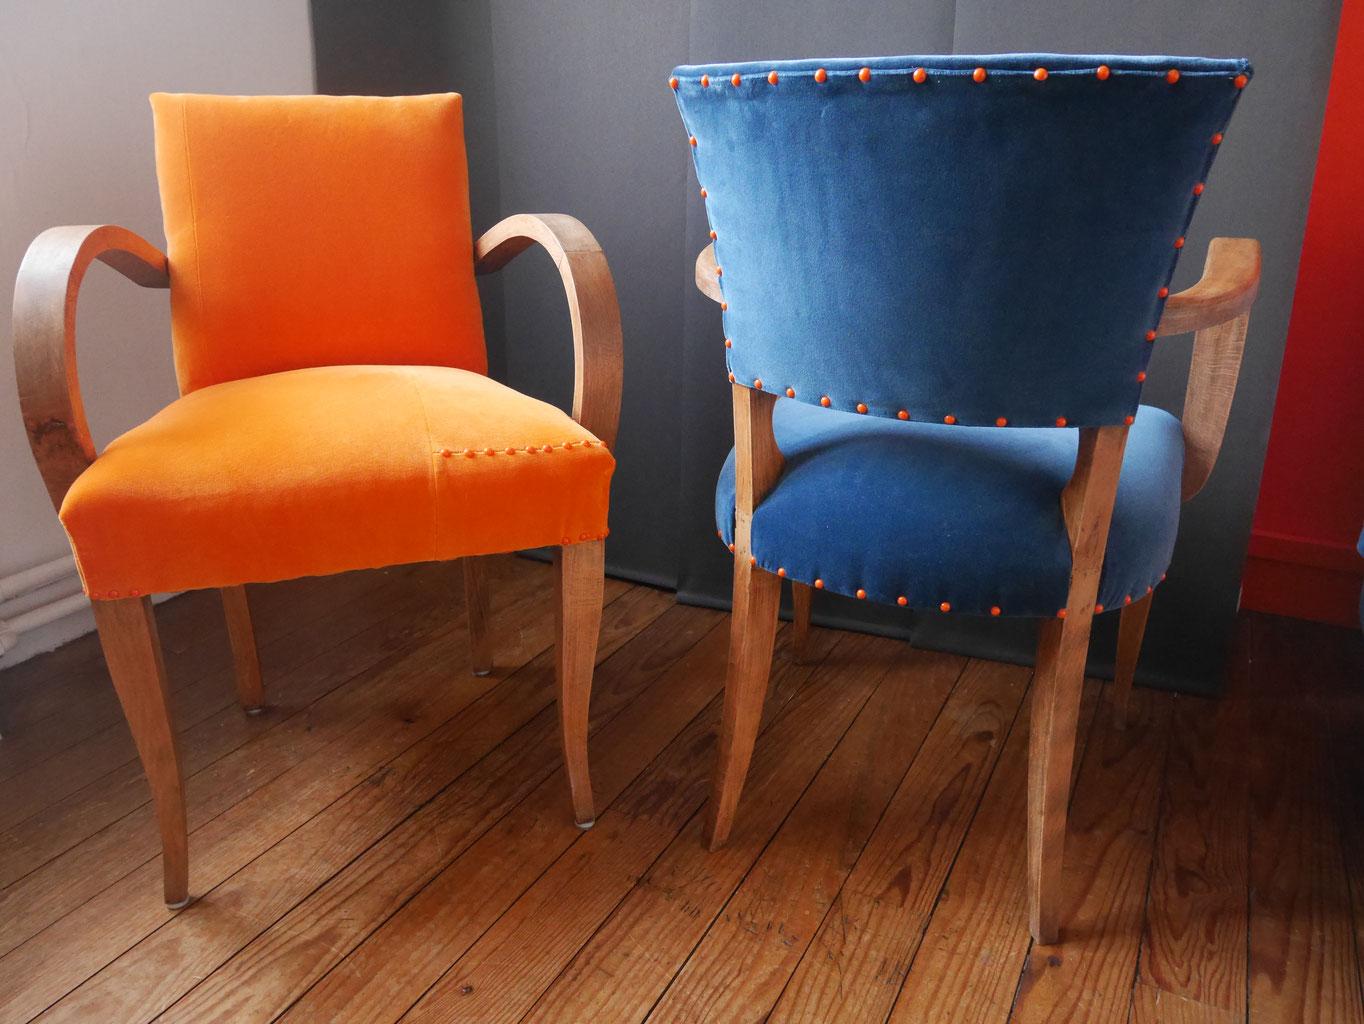 restauration et r novation de fauteuil et canap s fauteuil club bordeaux l 39 atelier des. Black Bedroom Furniture Sets. Home Design Ideas